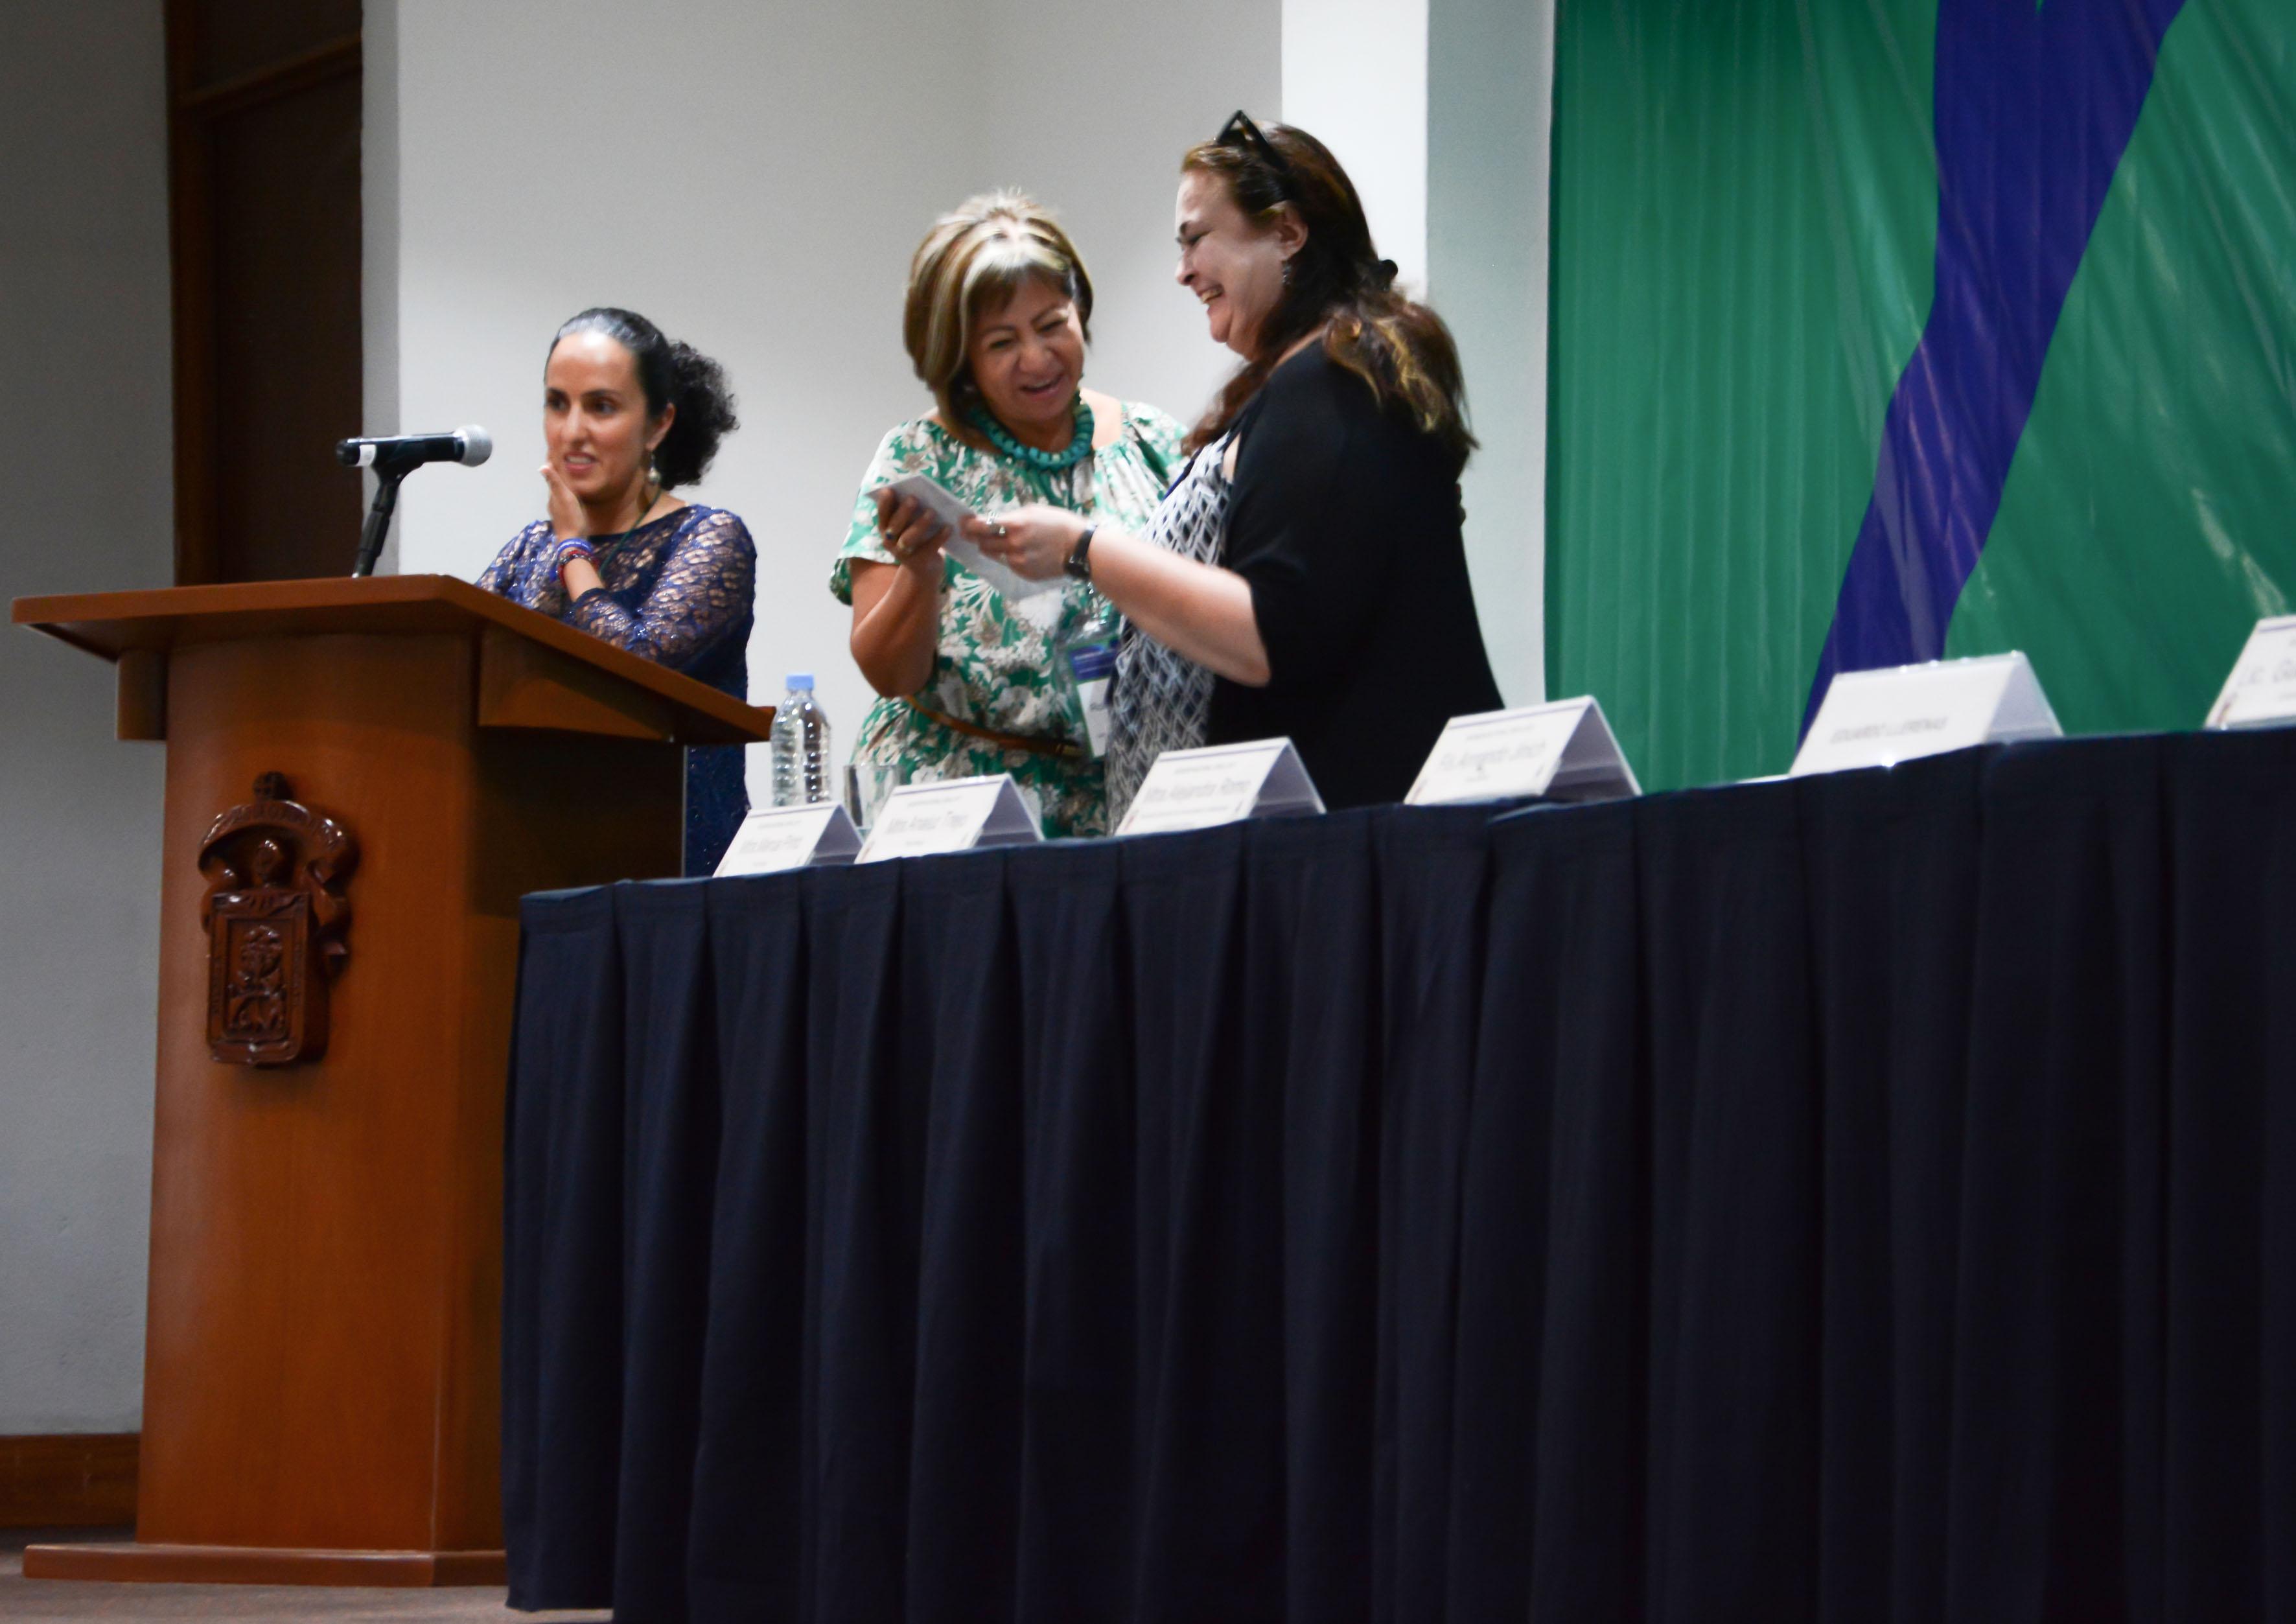 Personalidades asistentes a la Reunión Nacional Peraj 2017, participando en ceremonia inaugural.